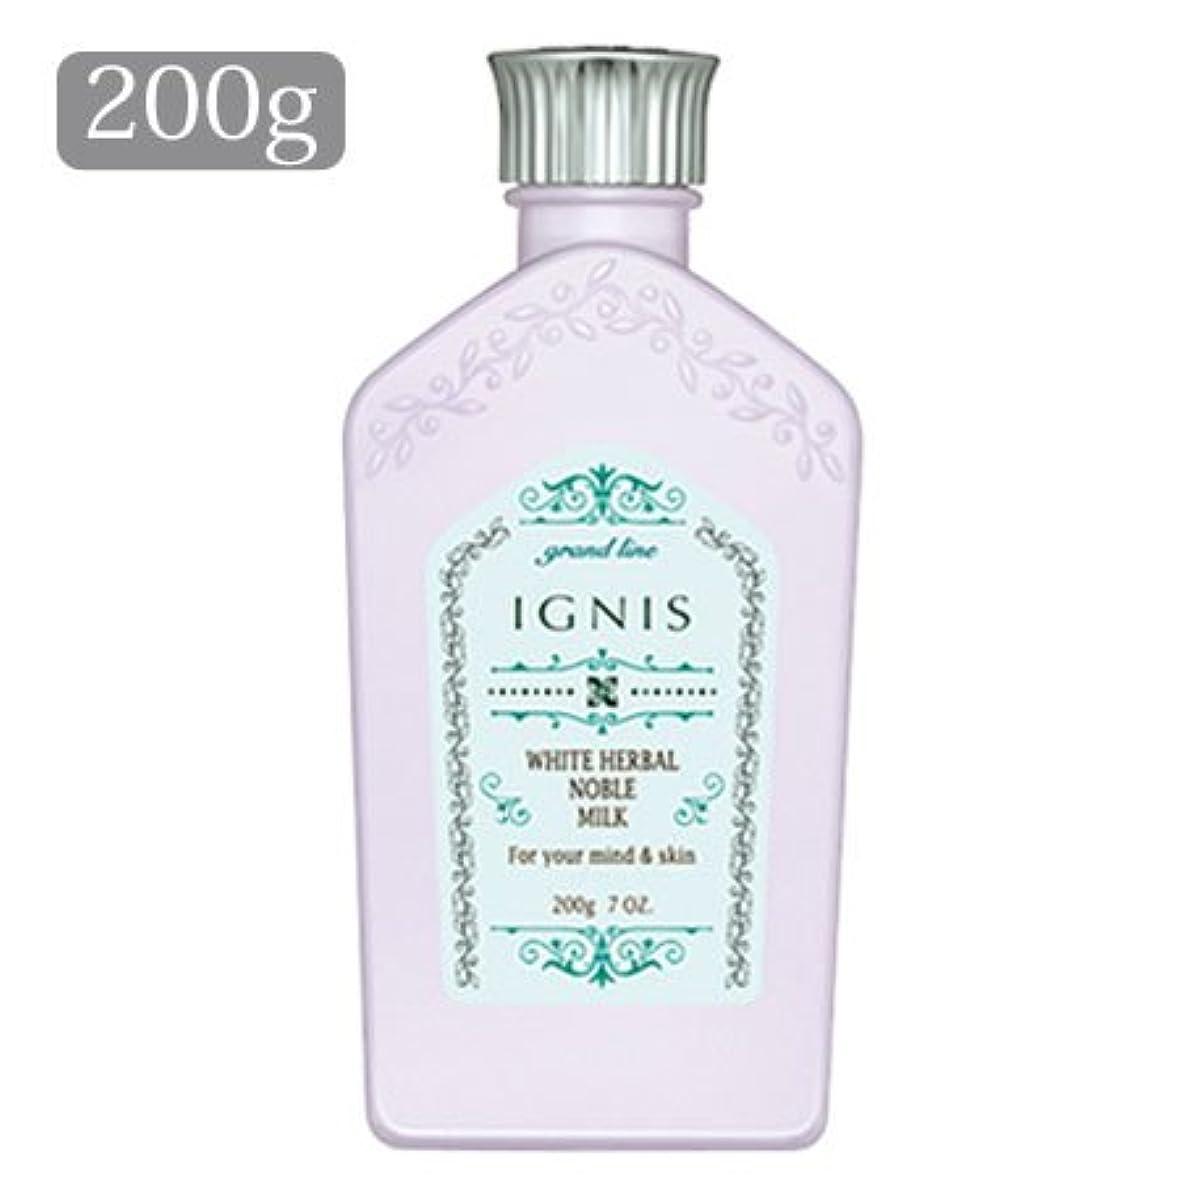 延期するサミュエル大事にするイグニス ホワイトハーバル ノーブル ミルク 200g -IGNIS-